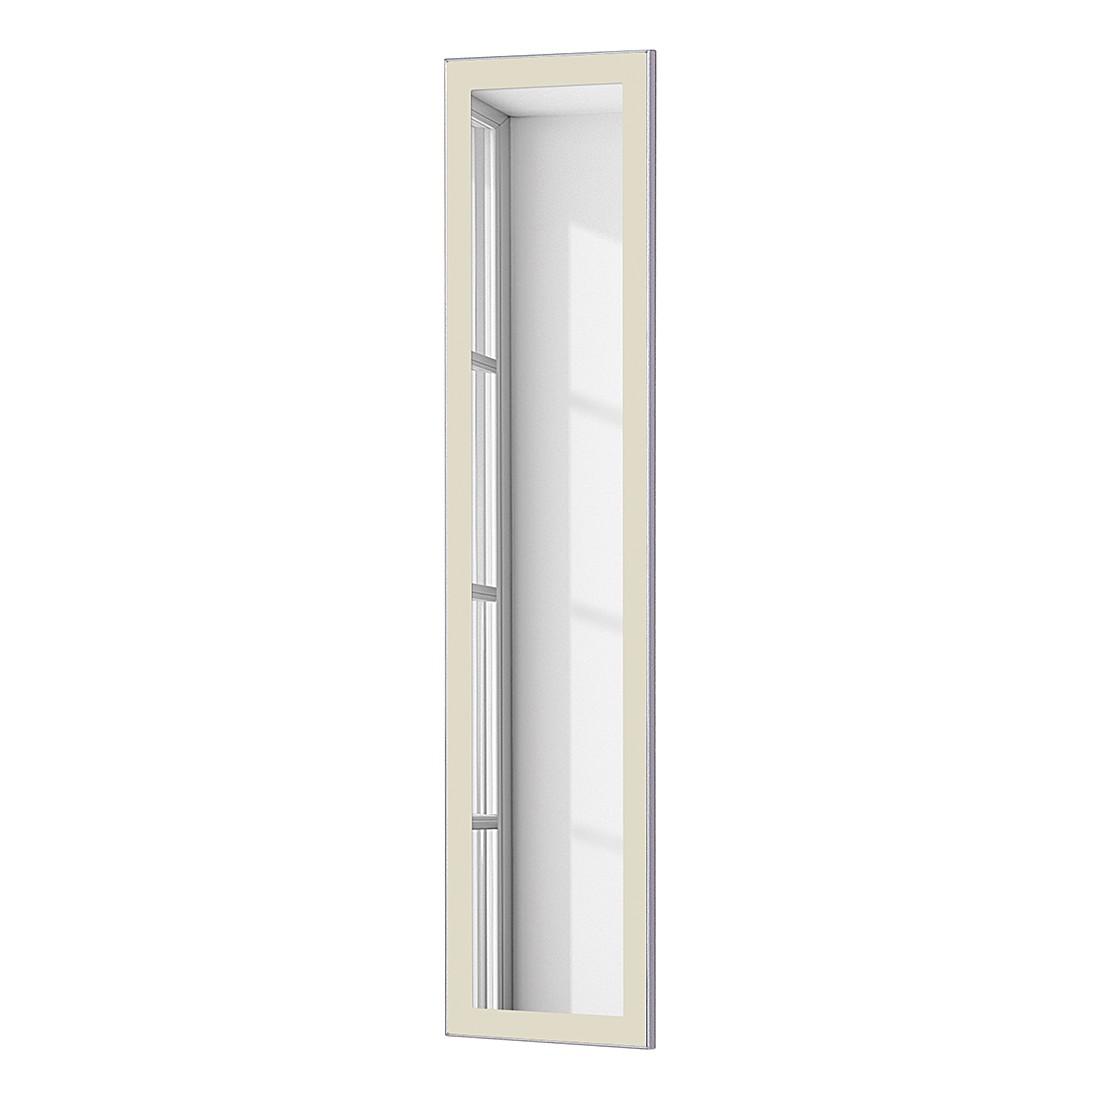 Spiegel Alves II – Elfenbein – 42 x 170 cm, Voss jetzt kaufen